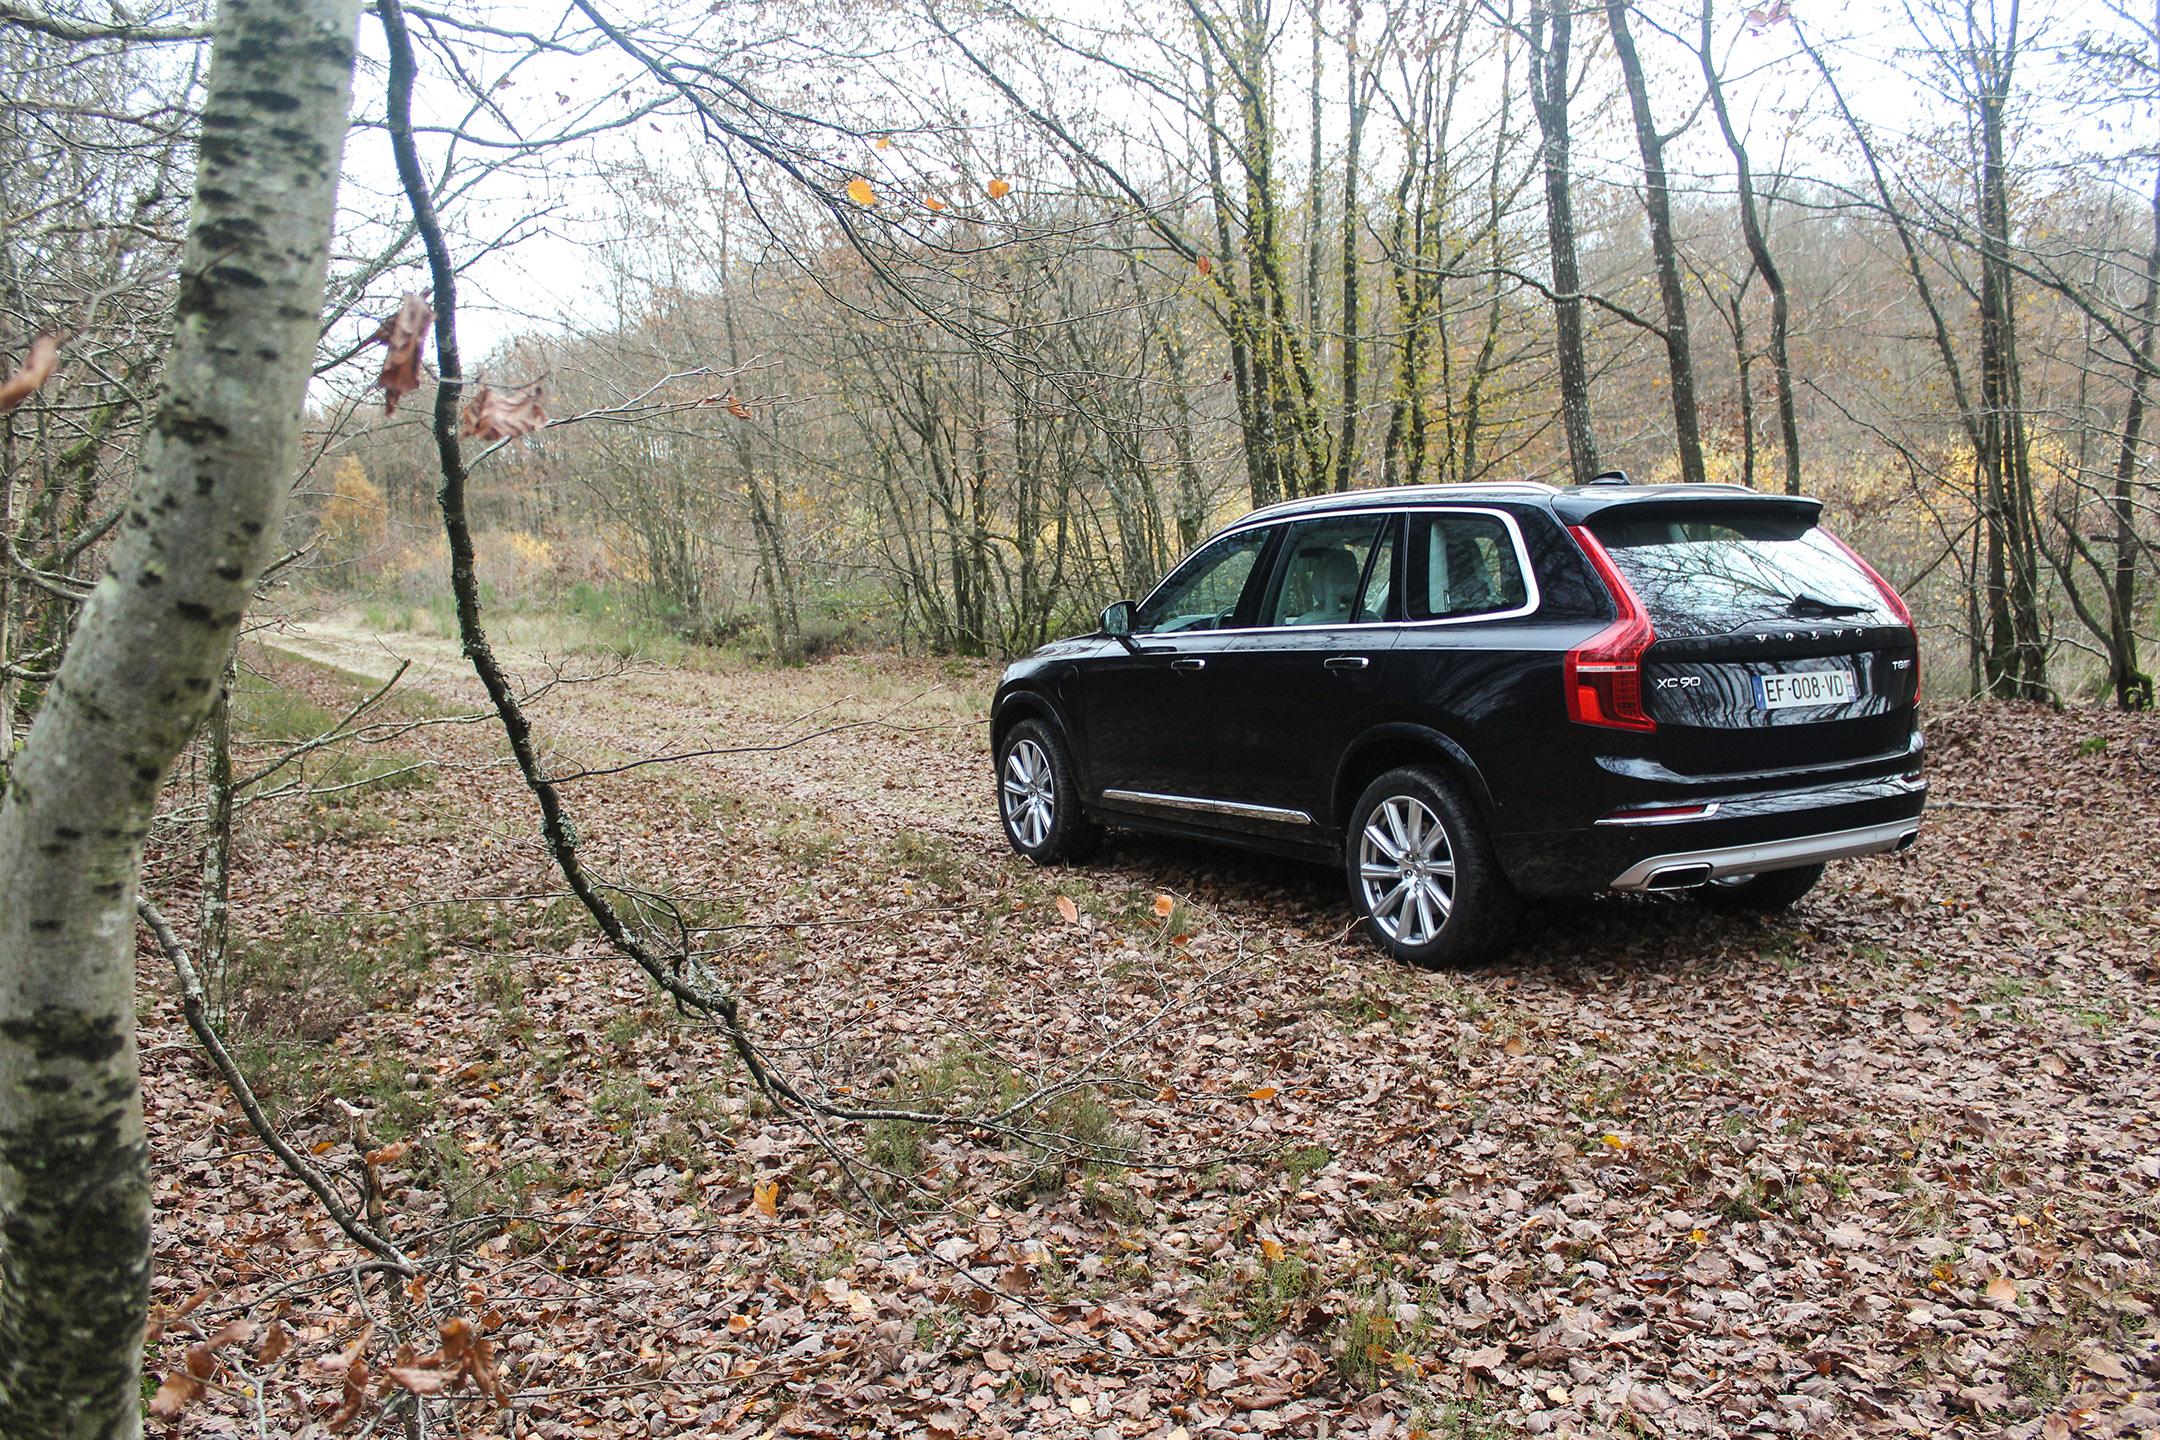 volvoXC90T8Hybrid48-volvo-XC90-T8-Hybrid-arriere-rear-arnaud-demasier-rsphotographie